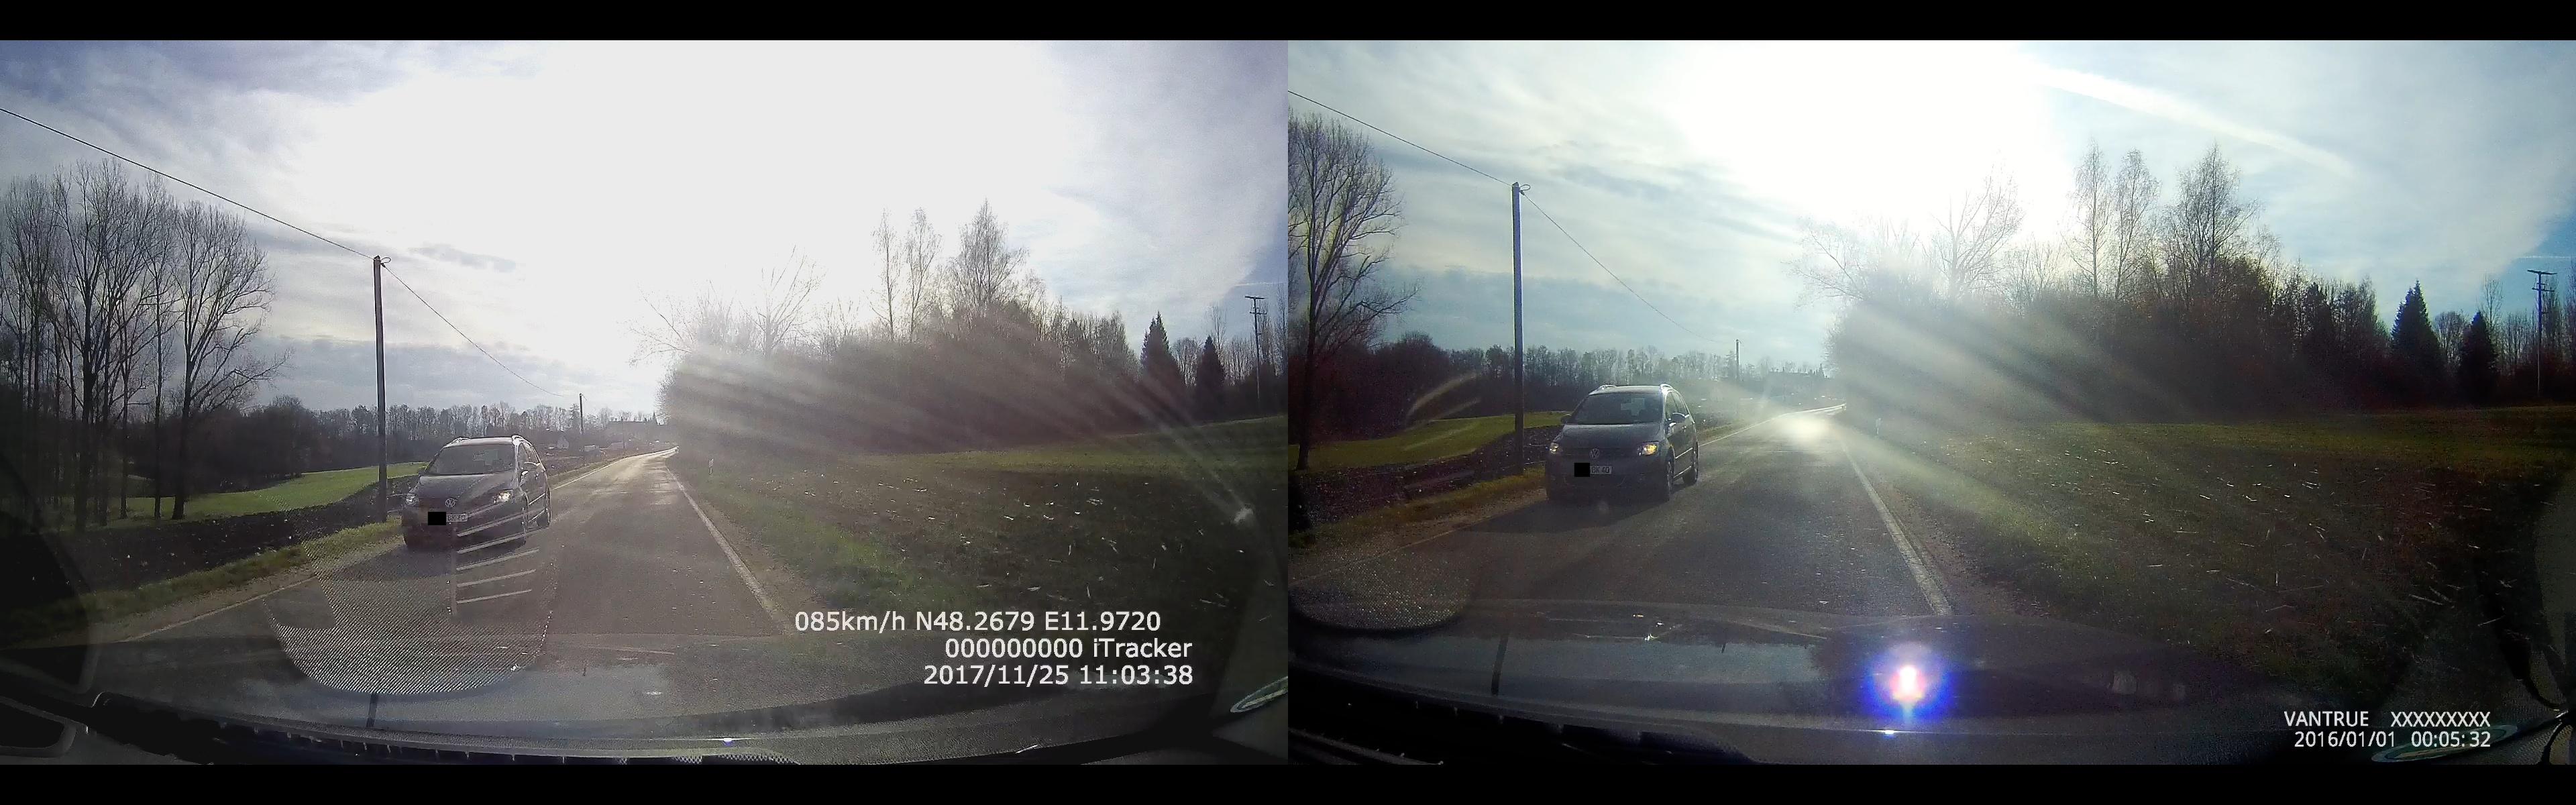 iTracker GS6000-A7 vs. Vantrue X3 - Vergleich der Bildqualität 1